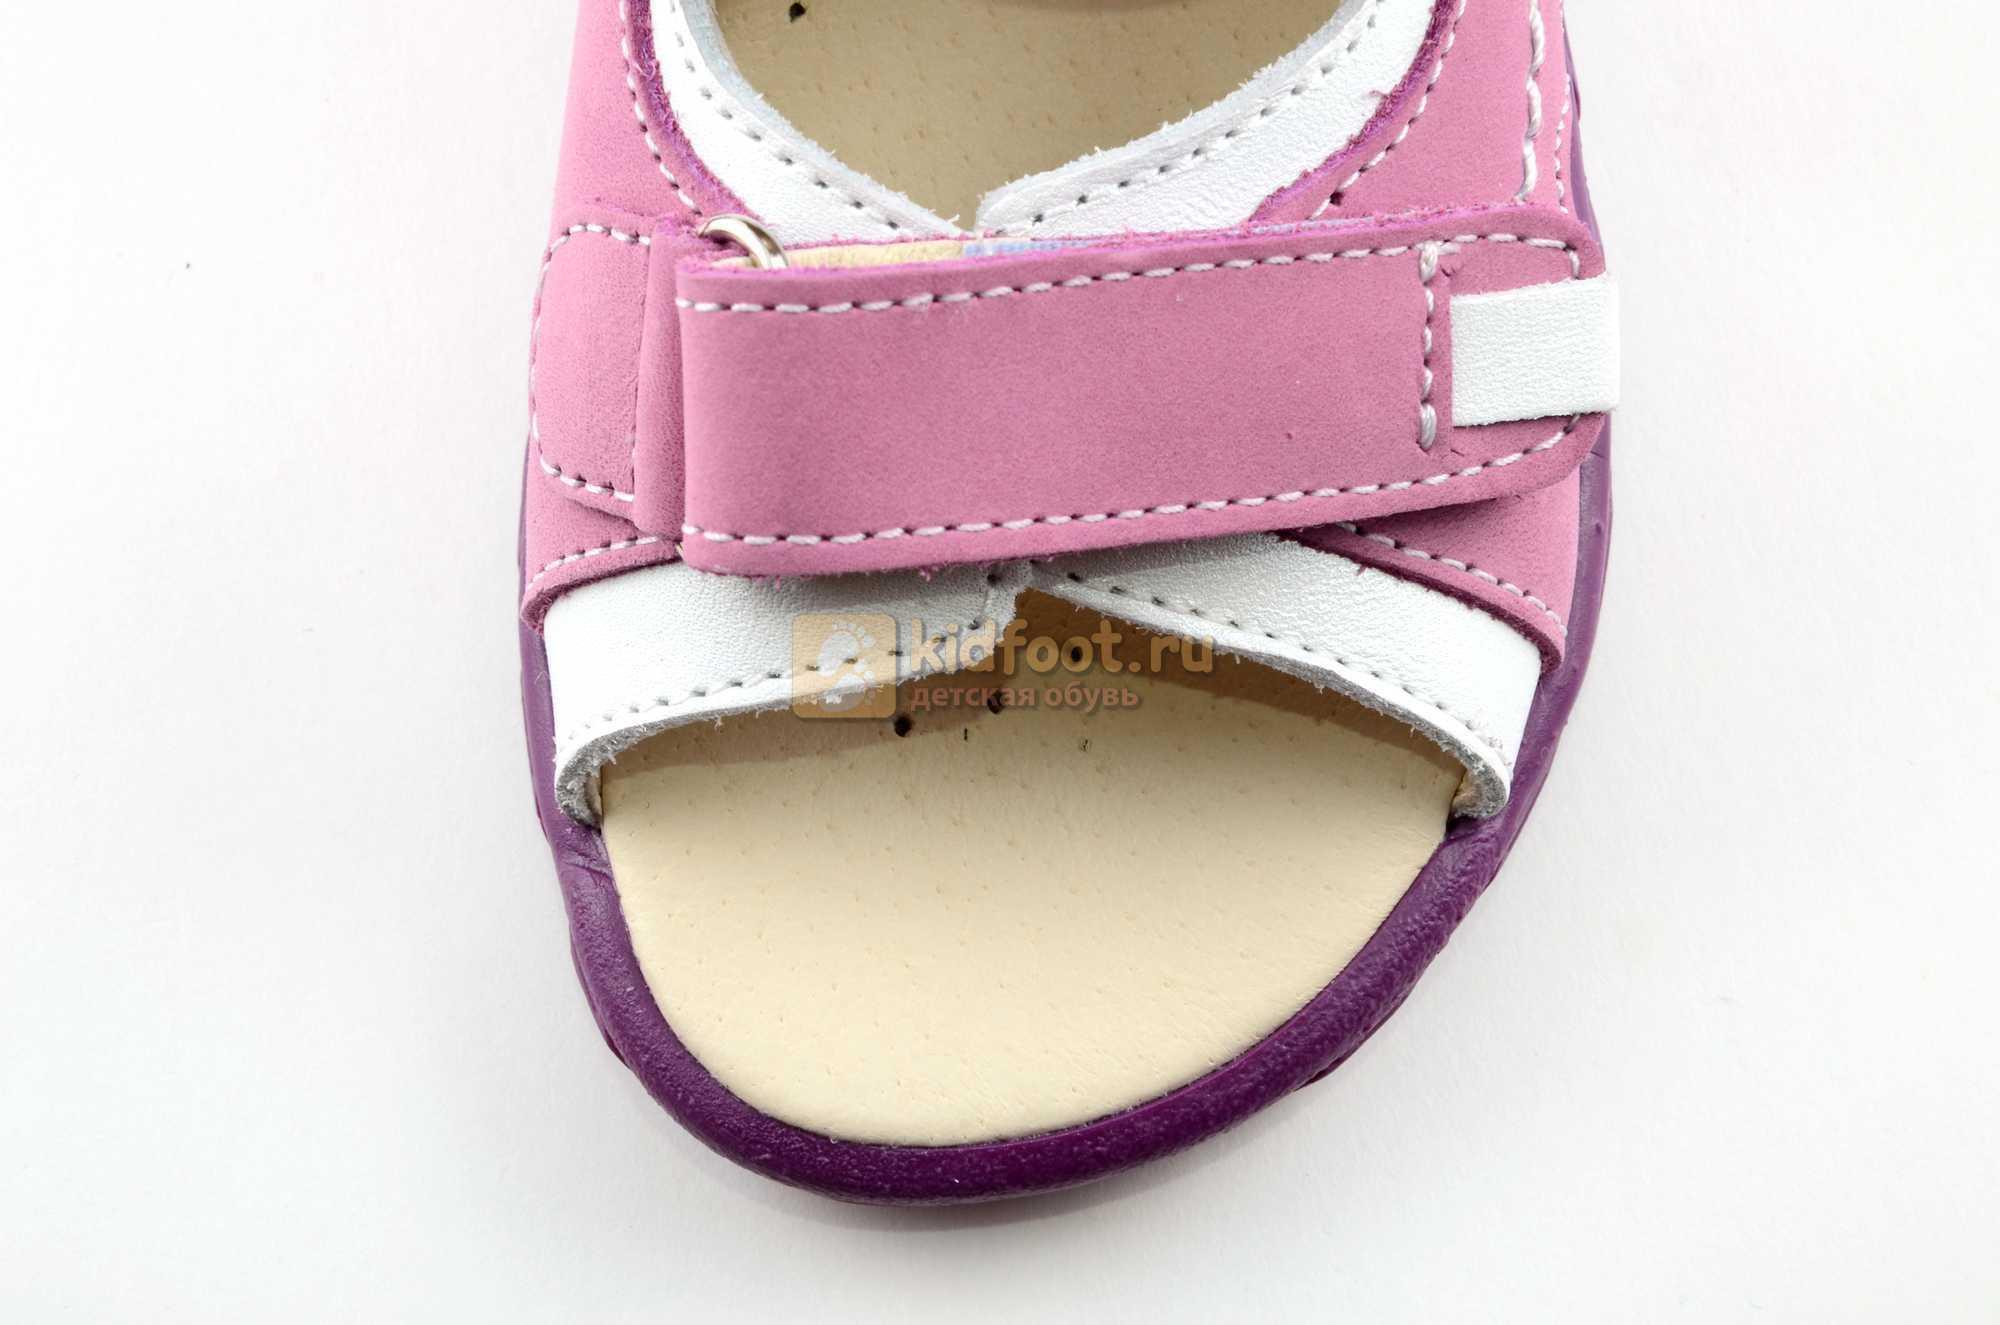 Босоножки Тотто из натуральной кожи с открытым носом для девочек, цвет сирень белый